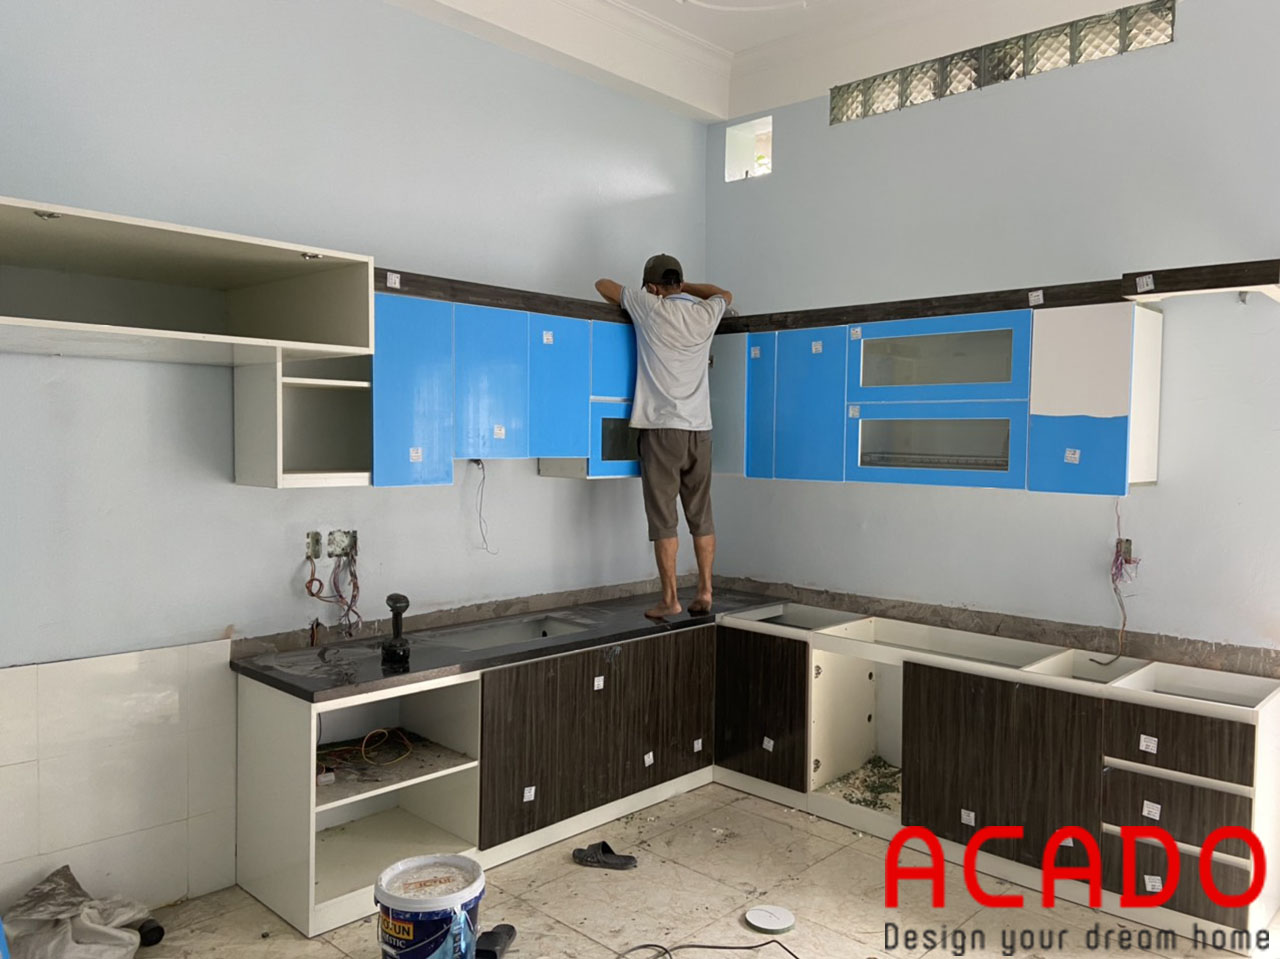 Thung melamine cốt xanh trống ẩm mang lại cho bộ tủ bếp độ bền vướt trội-đóng tủ bếp tại Long Biên